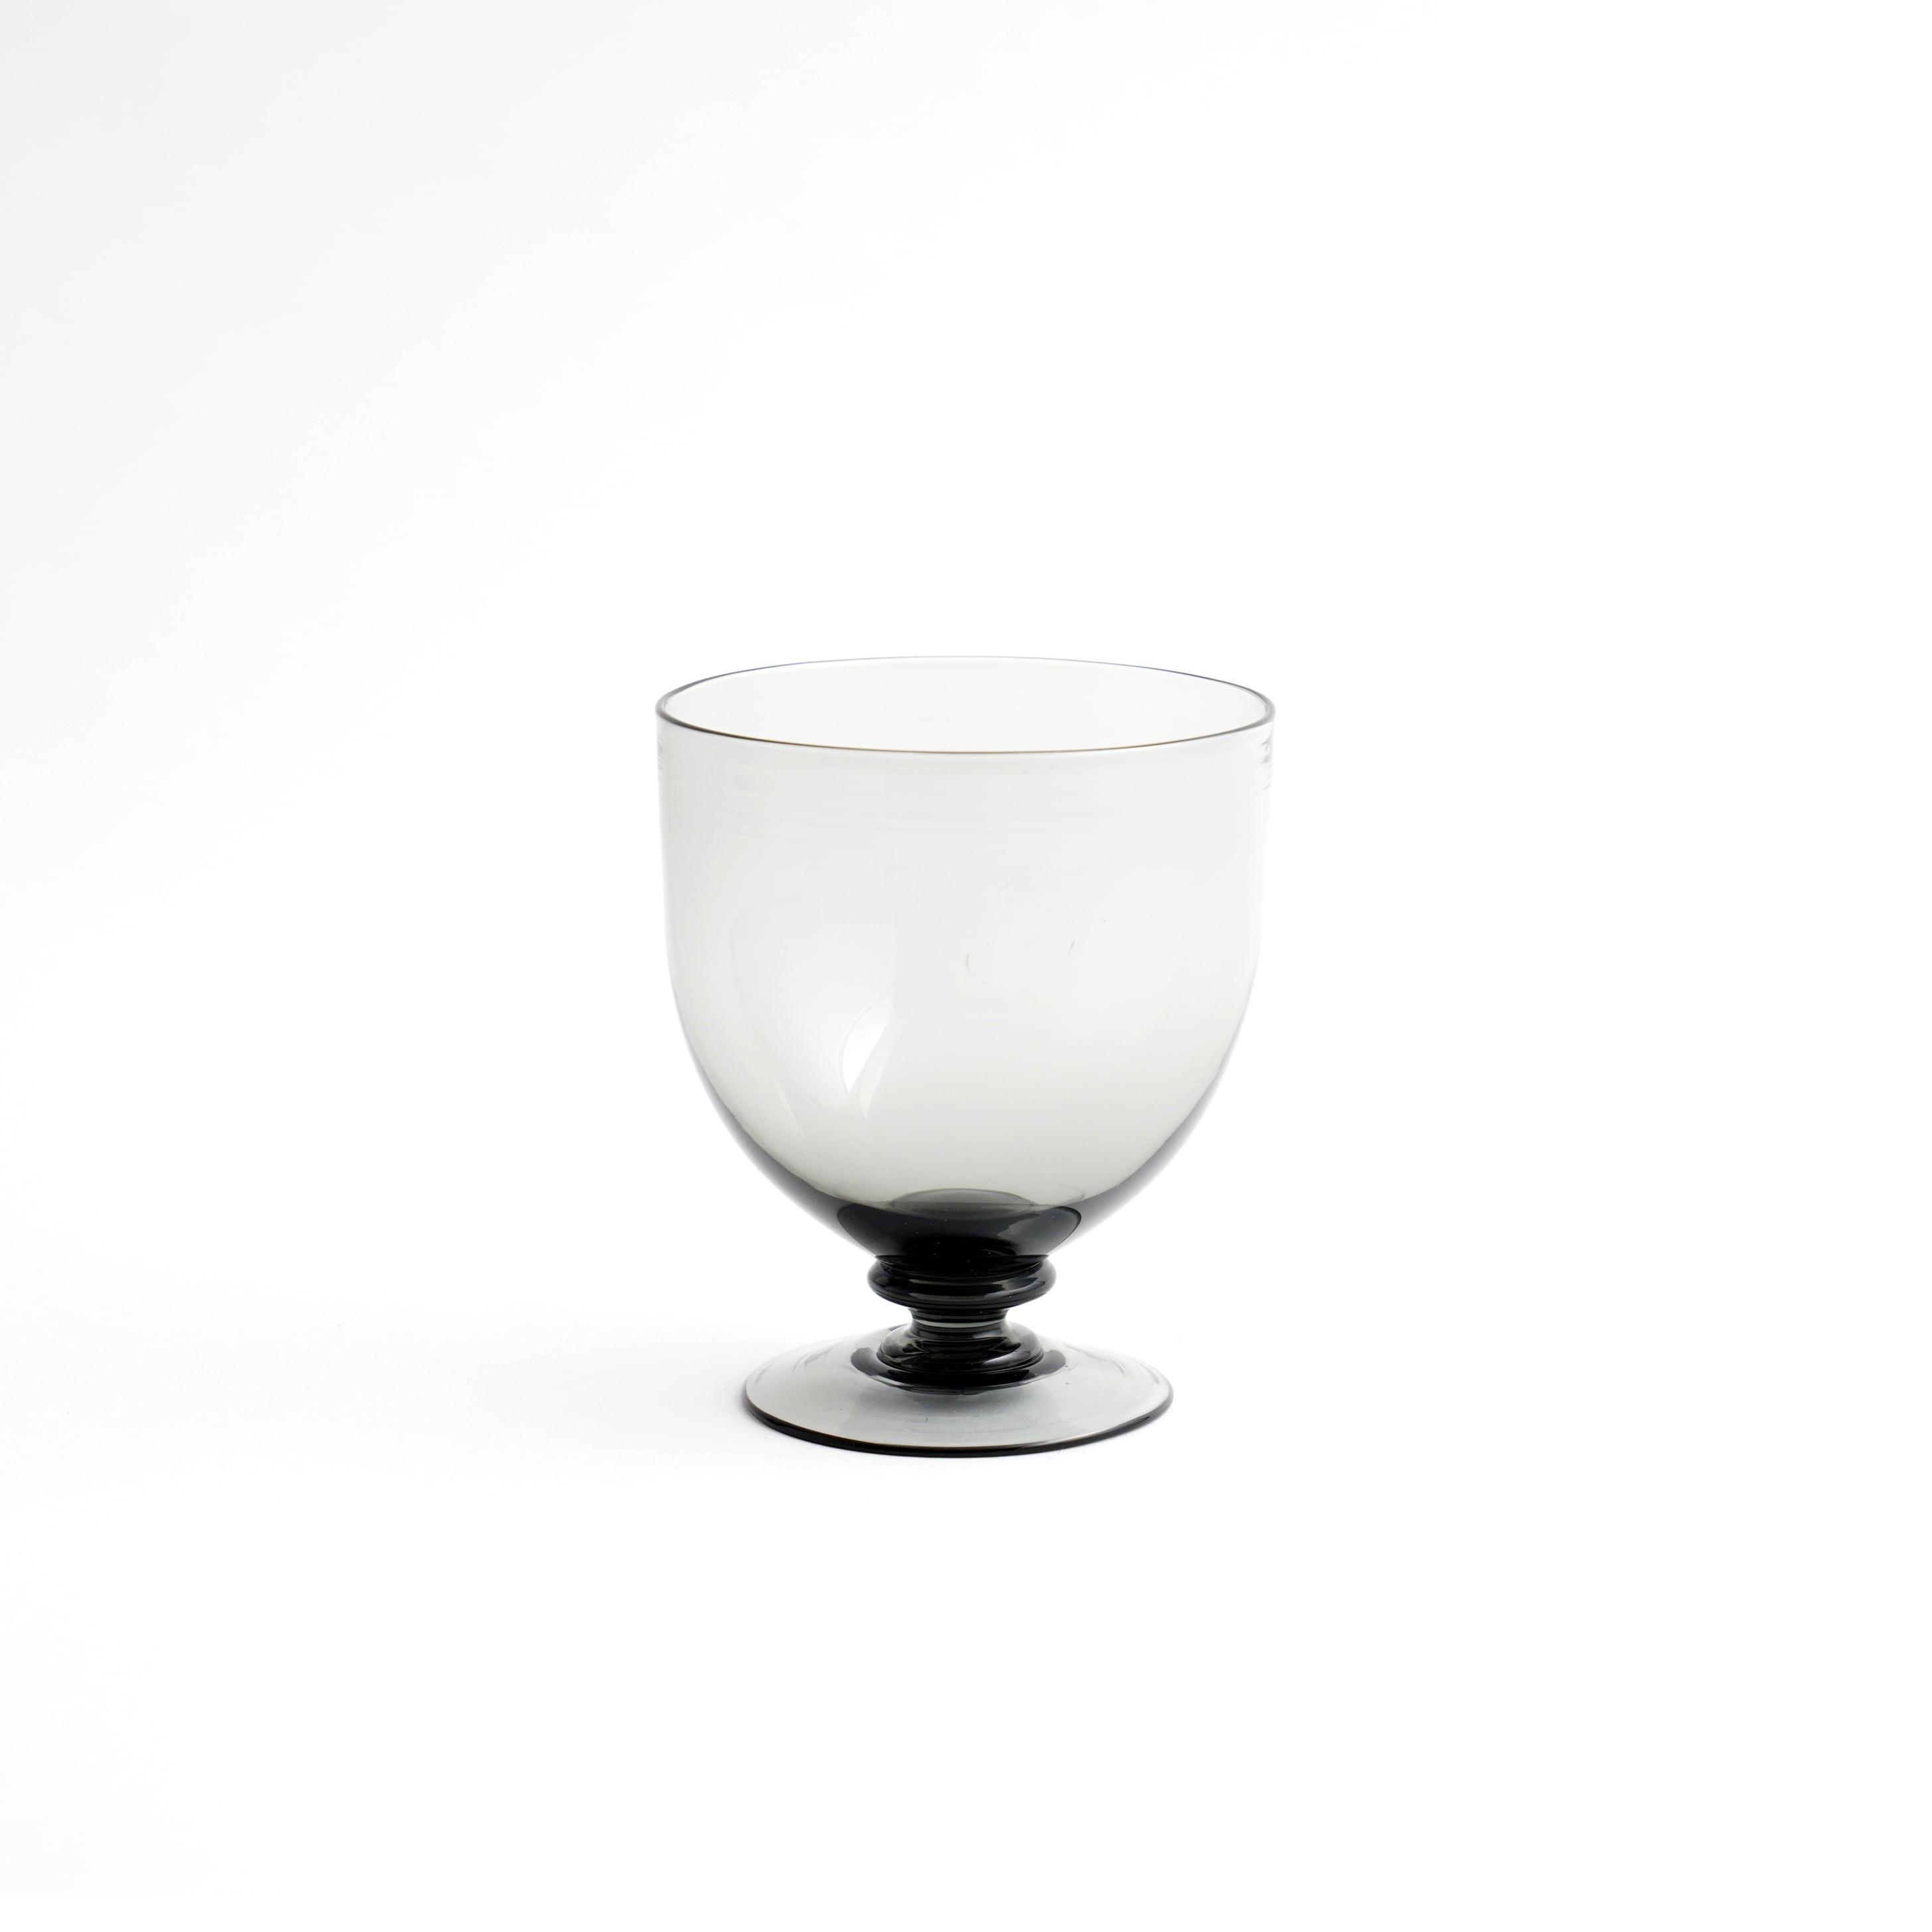 RITOGLASS/ワインカップ90/グレー